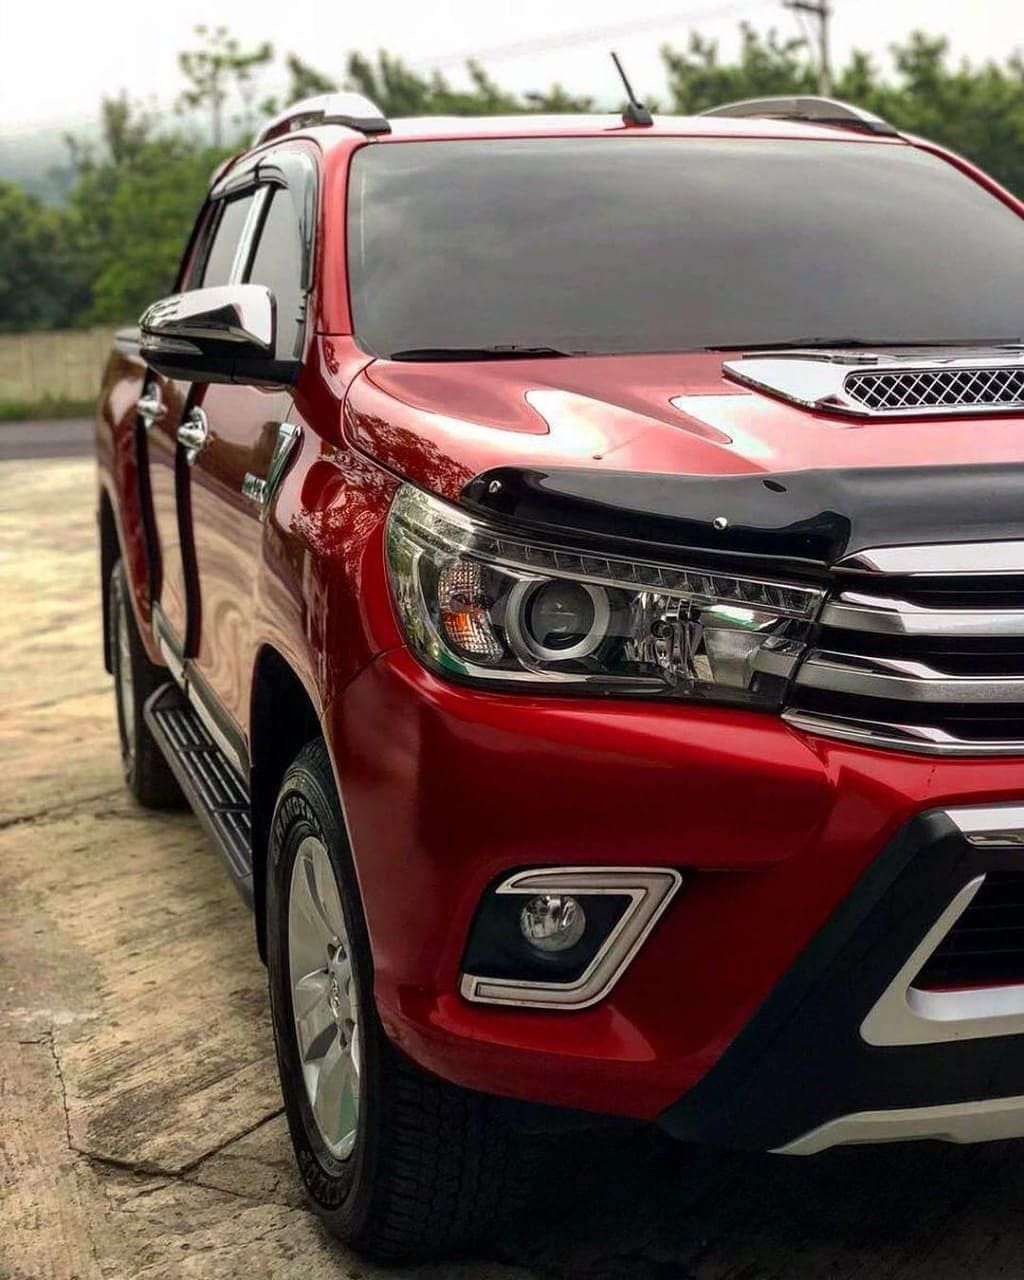 Toyota Guatemala On Instagram A Quien Mas Le Gustan Las Fotos